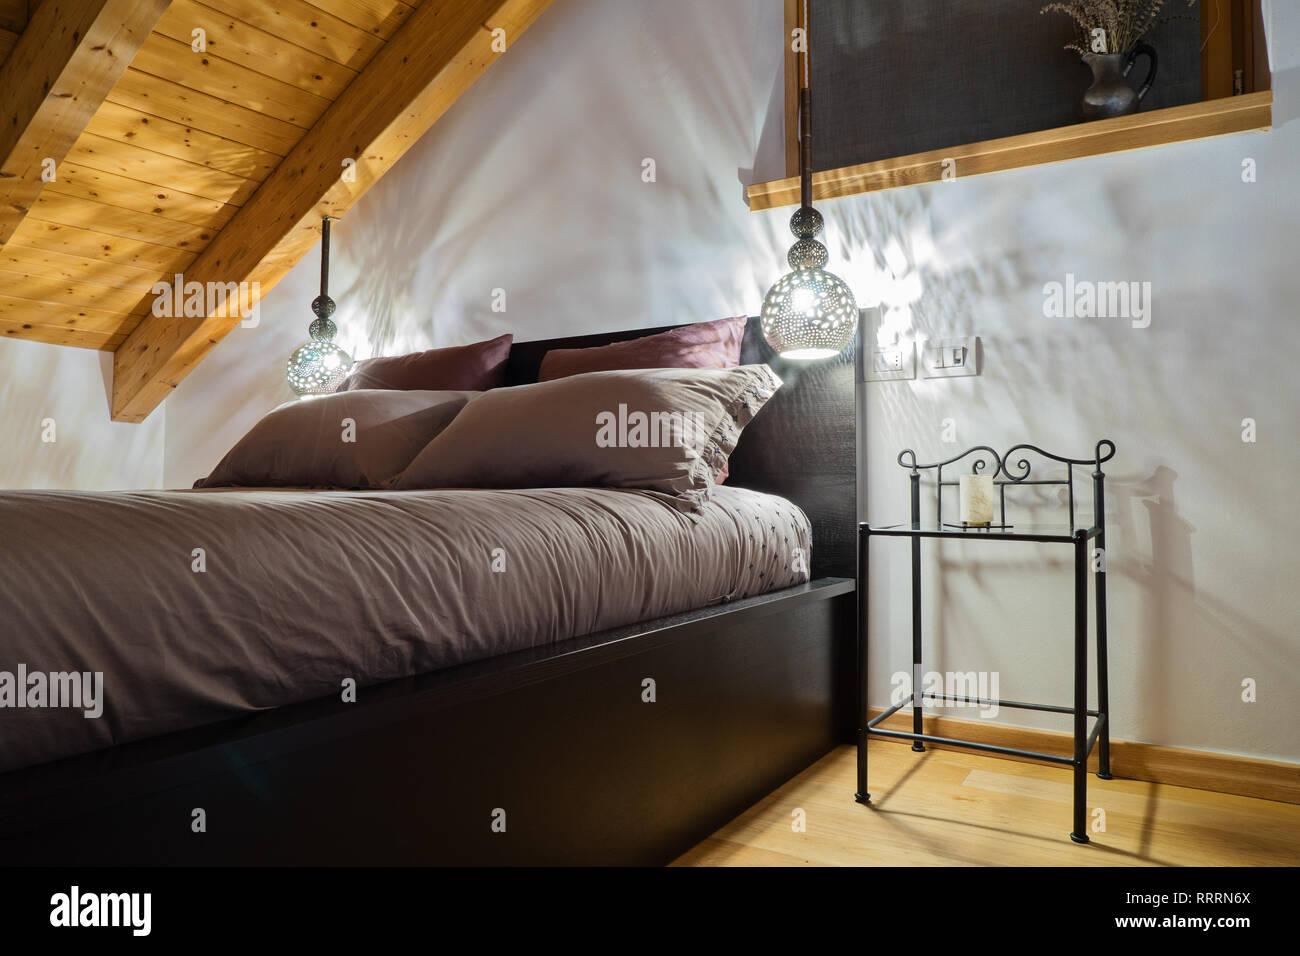 Mansarda accogliente camera da letto in stile rustico con ...